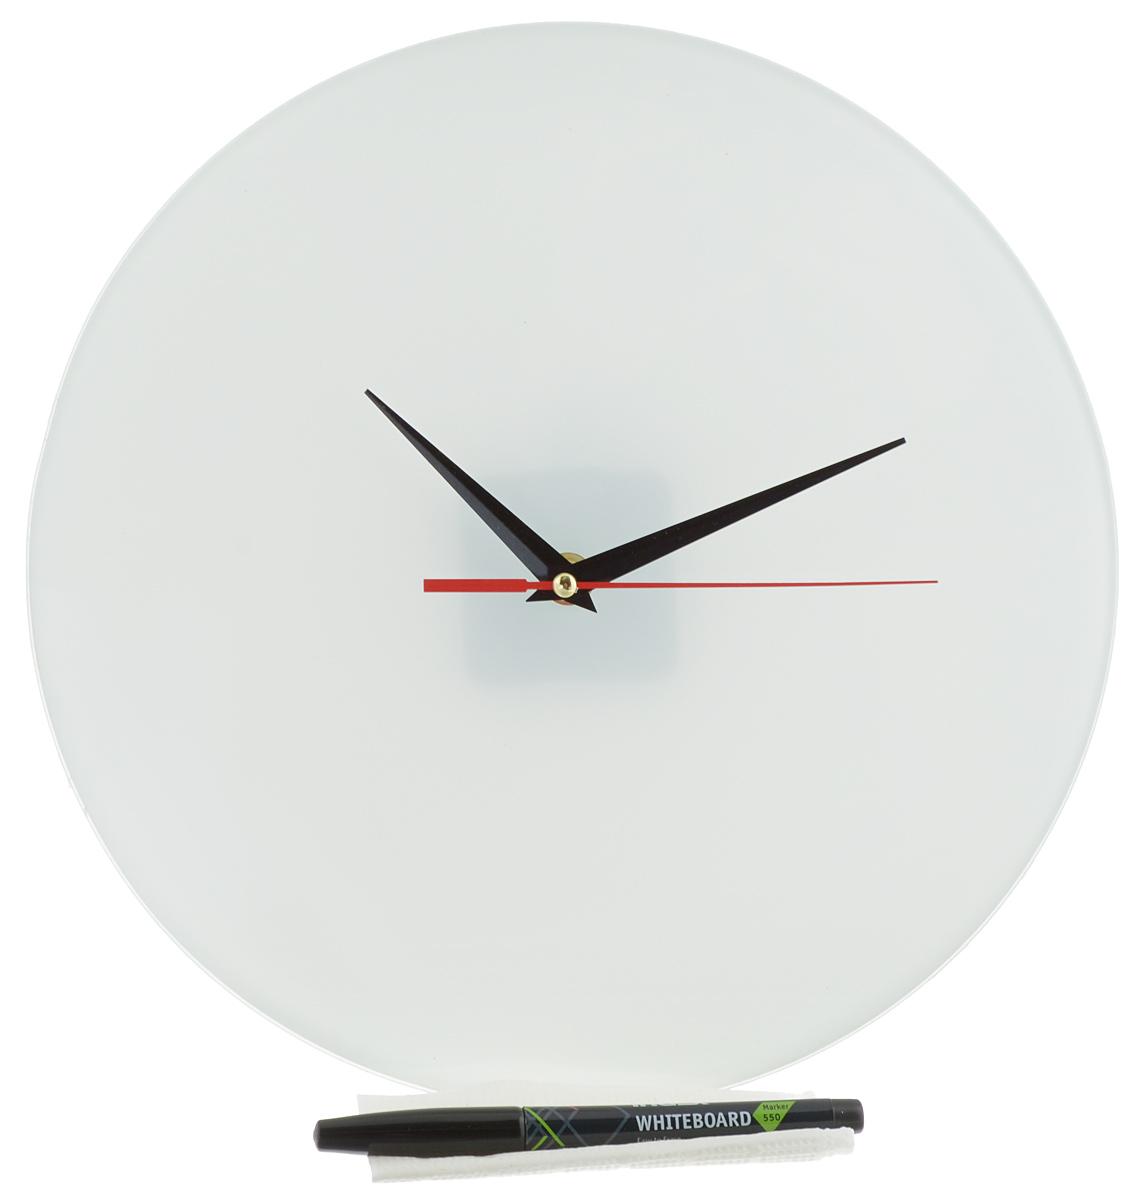 Часы настенные Эврика Нарисуй сам, стеклянные, цвет: белый, диаметр 28 см31824Настенные часы Нарисуй сам своим необычным дизайном подчеркнут стильность и оригинальность интерьера вашего дома. Циферблат часов выполнен из стекла белого цвета. В комплекте черный маркер с салфеткой, с помощью которых вы сможете сами создать дизайн ваших часов. Часы имеют три стрелки - часовую, минутную и секундную. На задней стенке часов расположена металлическая петелька для подвешивания. Часы работают от одной батарейки типа АА.Диаметр часов: 28 см.Такие часы послужат отличным подарком для ценителя ярких и необычных вещей.Батарейка в комплект не входит.